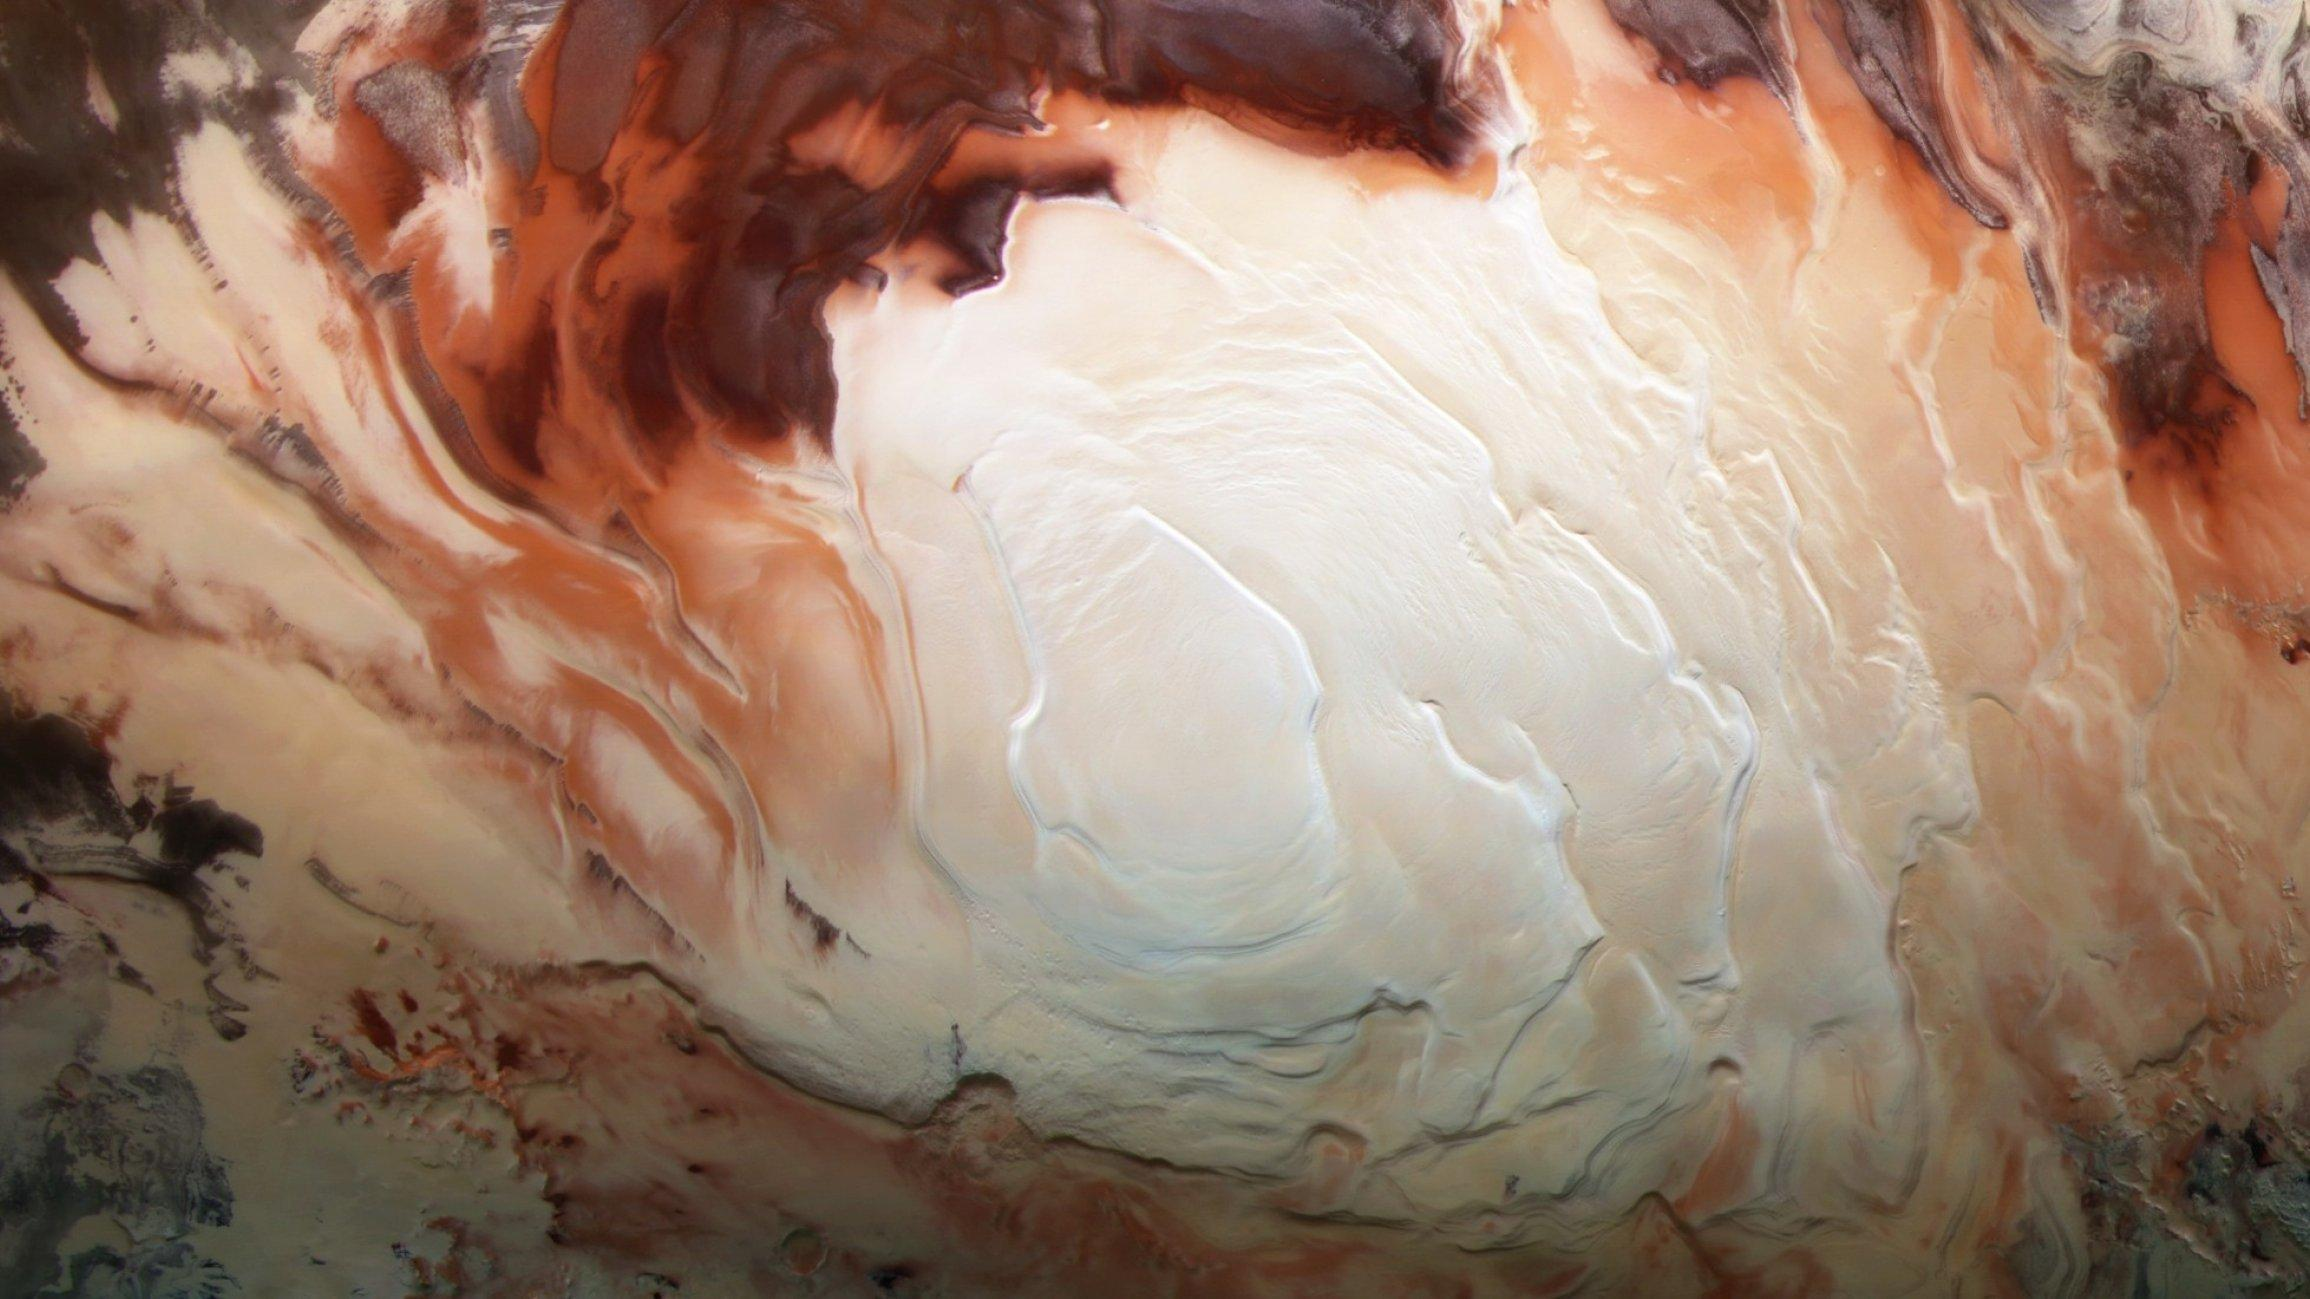 Der Südpol des Mars mit den spiralförmig gedrehten Gletschern wirkt wie der Schaum auf einer Tasse Cappuccino